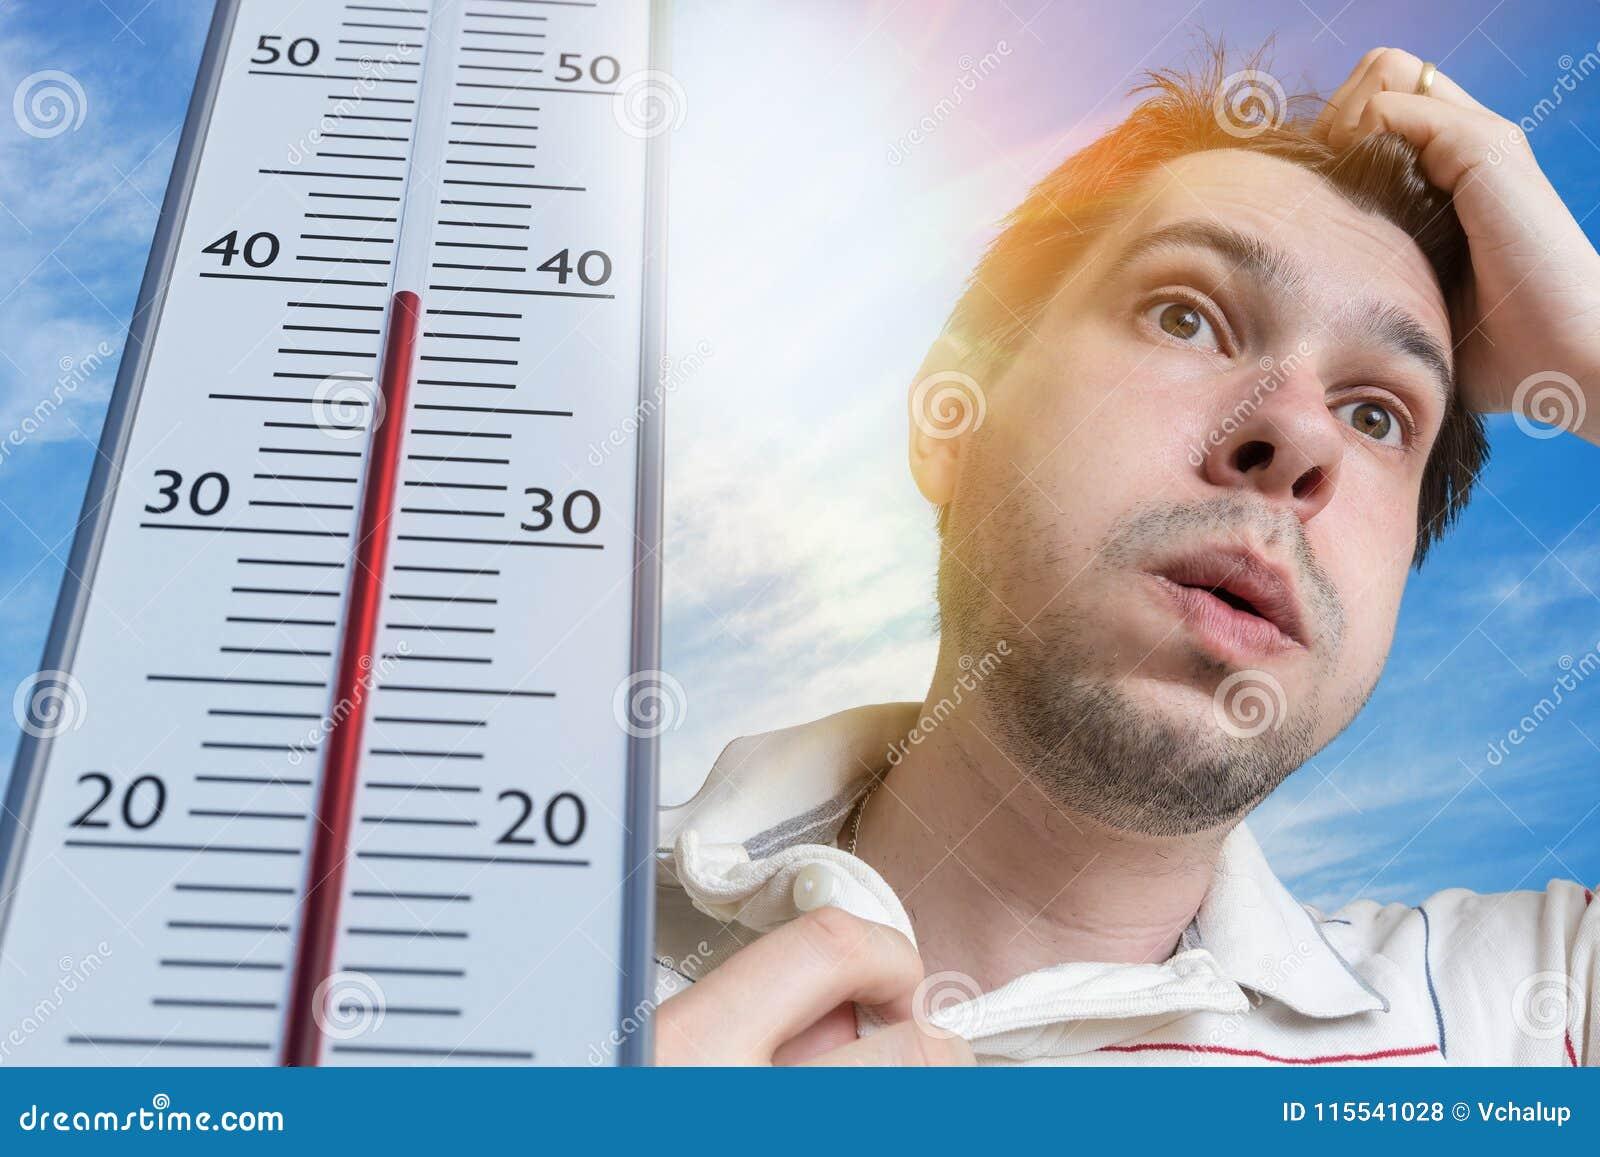 Концепция жаркой погоды Молодой человек потеет Термометр показывает высокую температуру Солнце в предпосылке